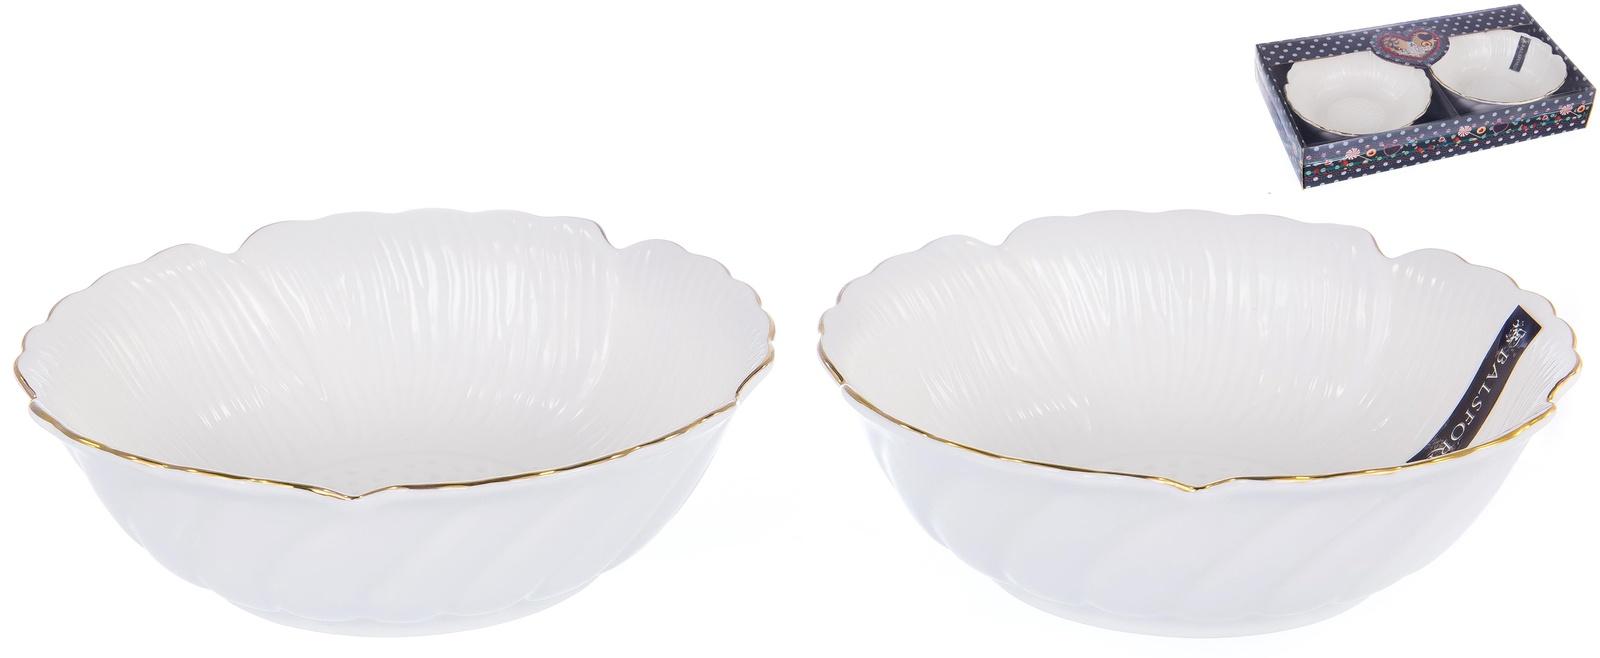 Набор 2 фигурных салатника размером 16см, ГРАЦИЯ, NEW BONE CHINAа NEW BONE CHINA, декор белый с золотом, подарочная упаковка с окном и бантом, ТМ Balsford, 101-01041